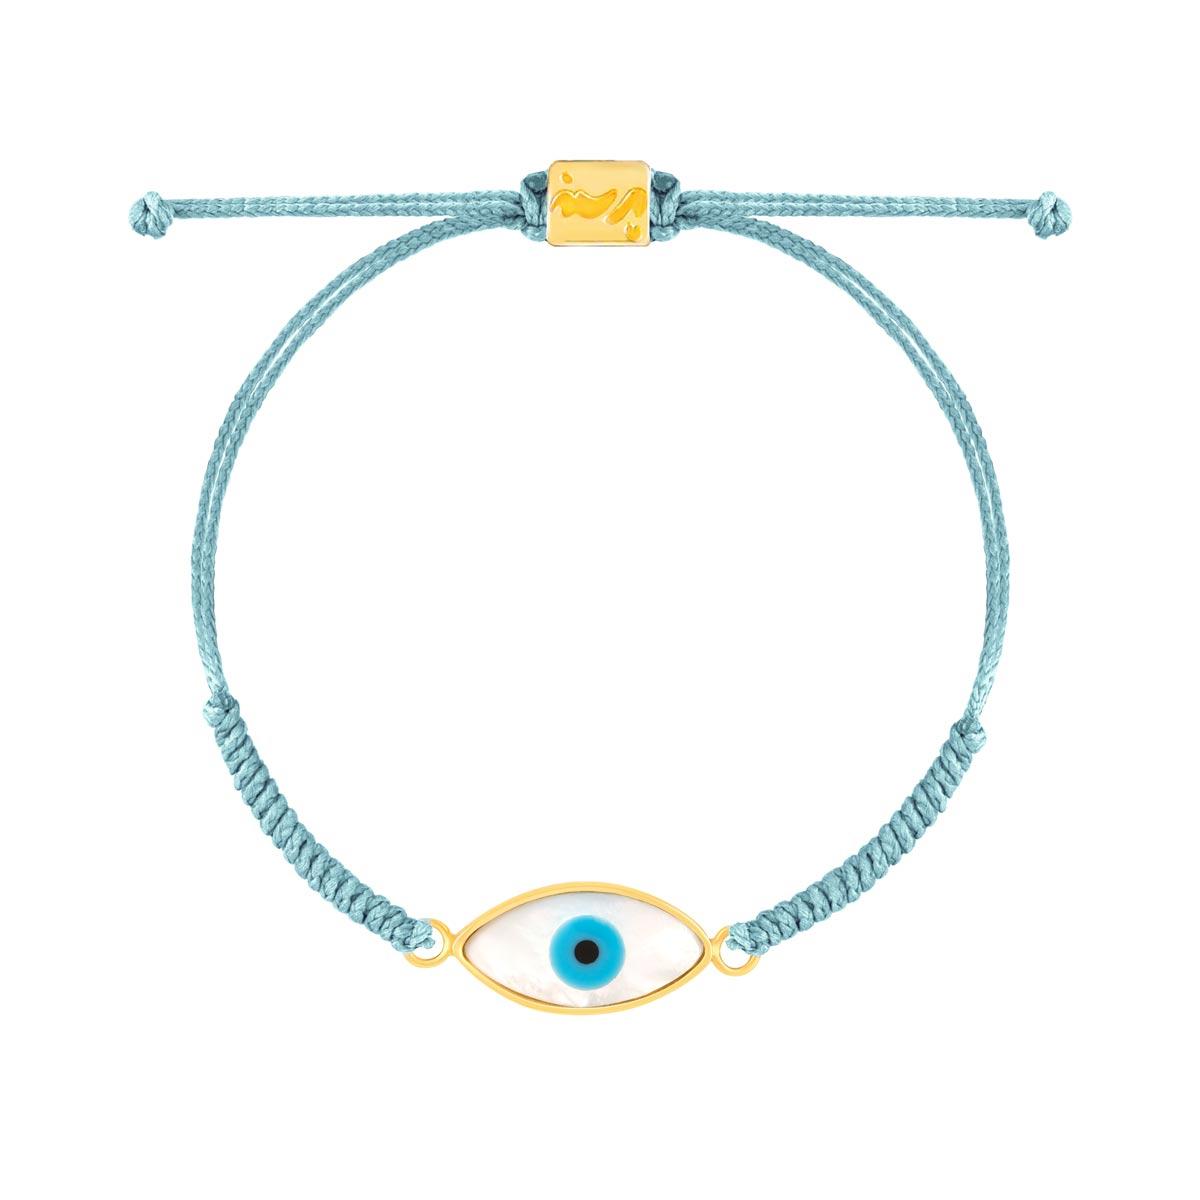 دستبند طلا بافت آبی روشن چشم